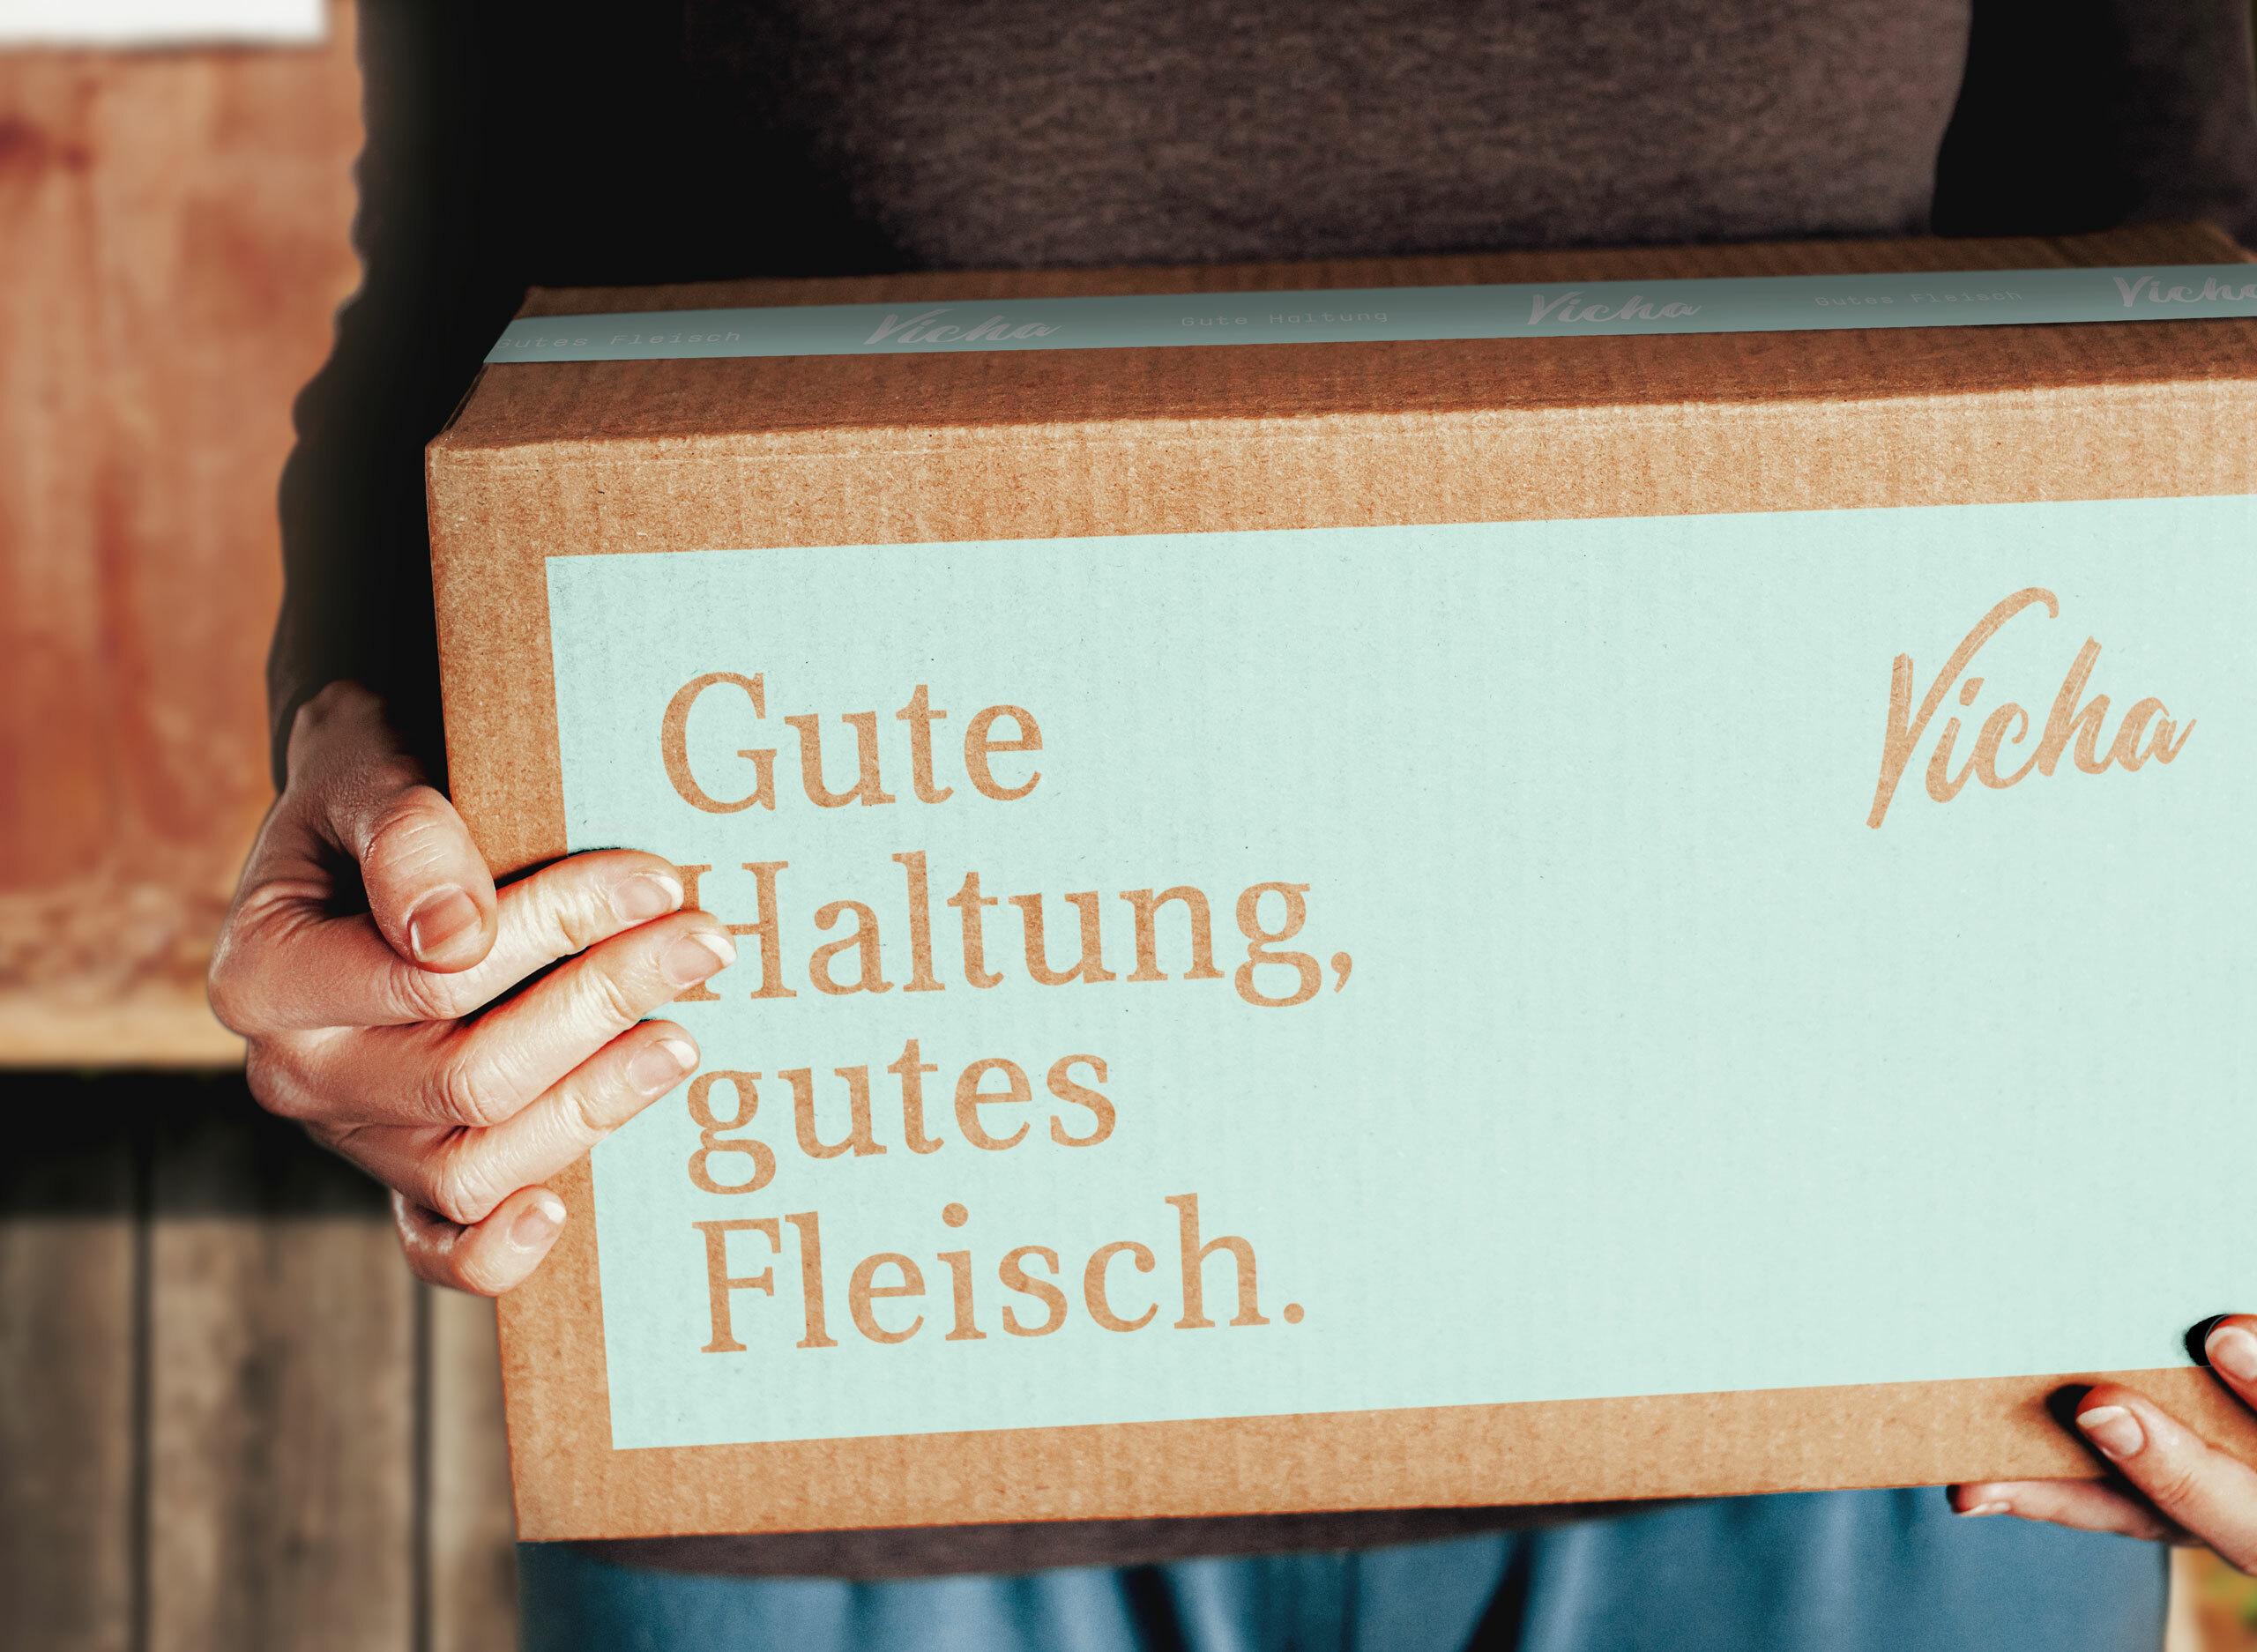 Ref vicha 16 Box Lieferung RZ